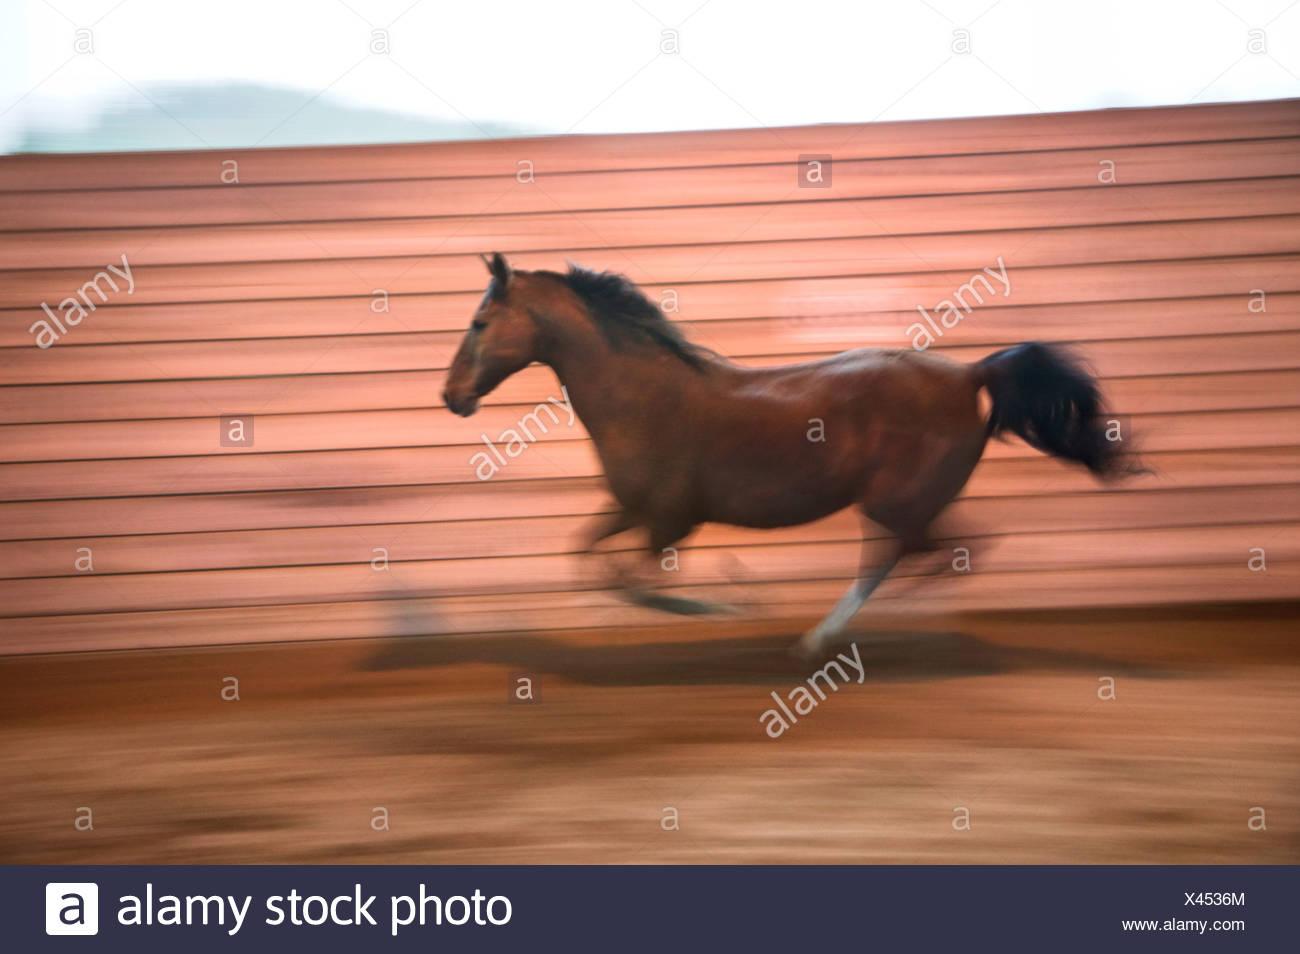 Cheval de course Photo Stock